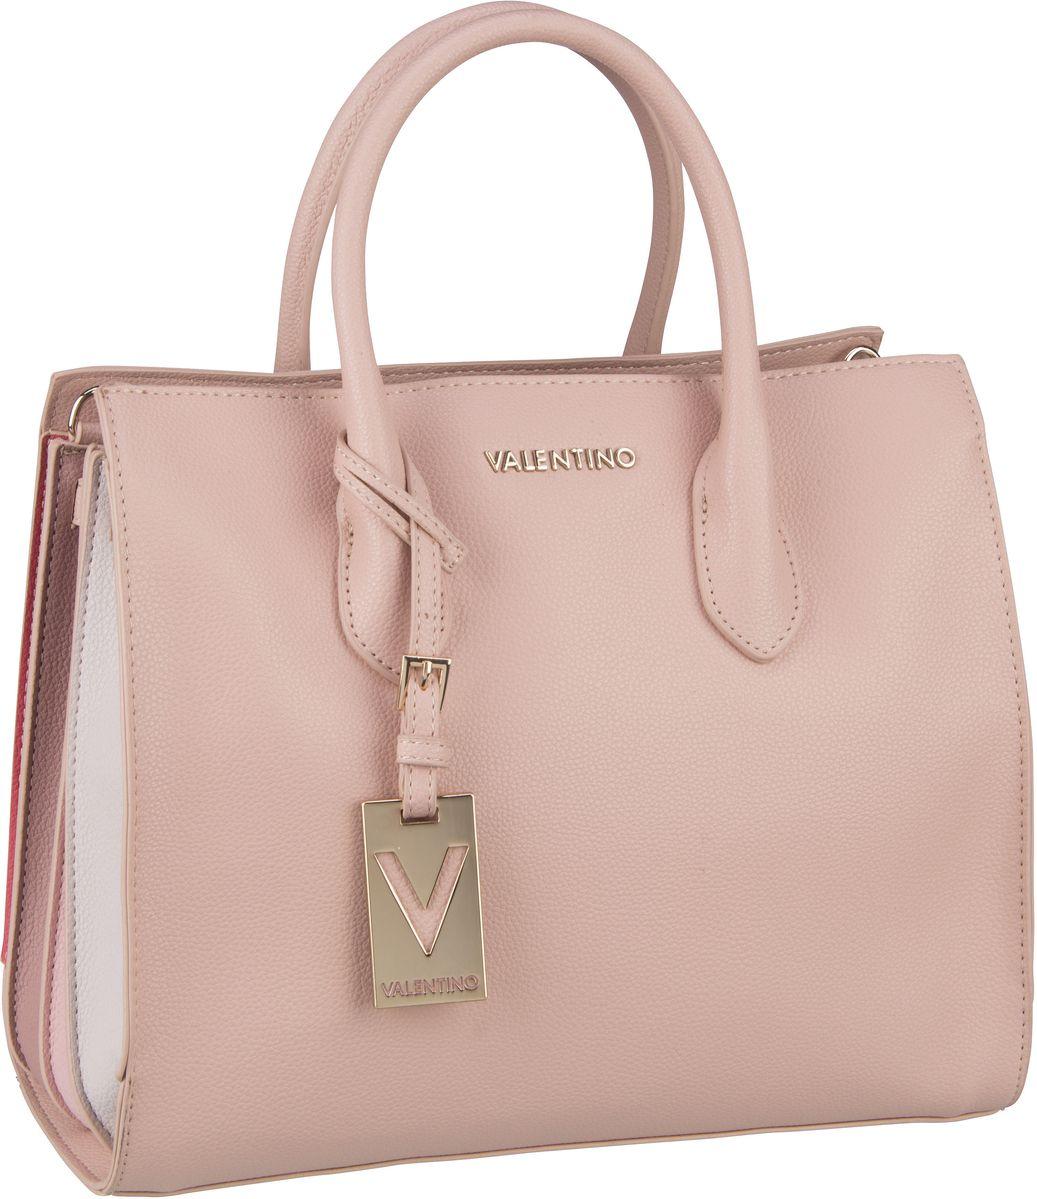 Handtasche Summer Memento Shopping 101 Cipria/Multicolor